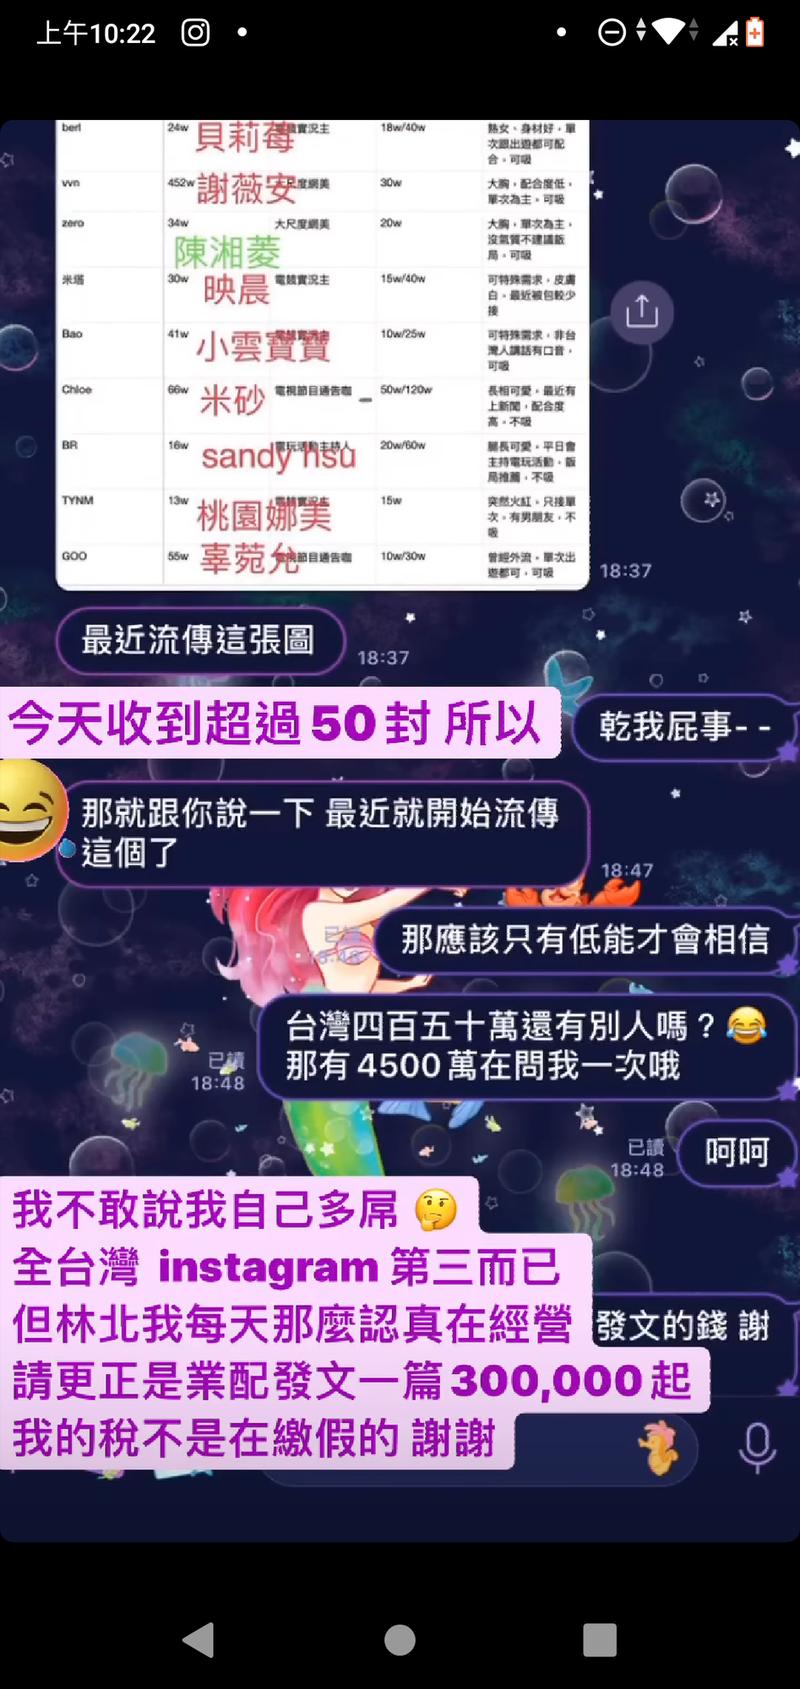 針對網傳陪睡一次30萬,謝薇安在IG動態直嗆自己是全台灣IG第三,業配文一篇就30萬起跳,並稱「應該只有低能才會相信」。(圖擷自謝薇安IG)